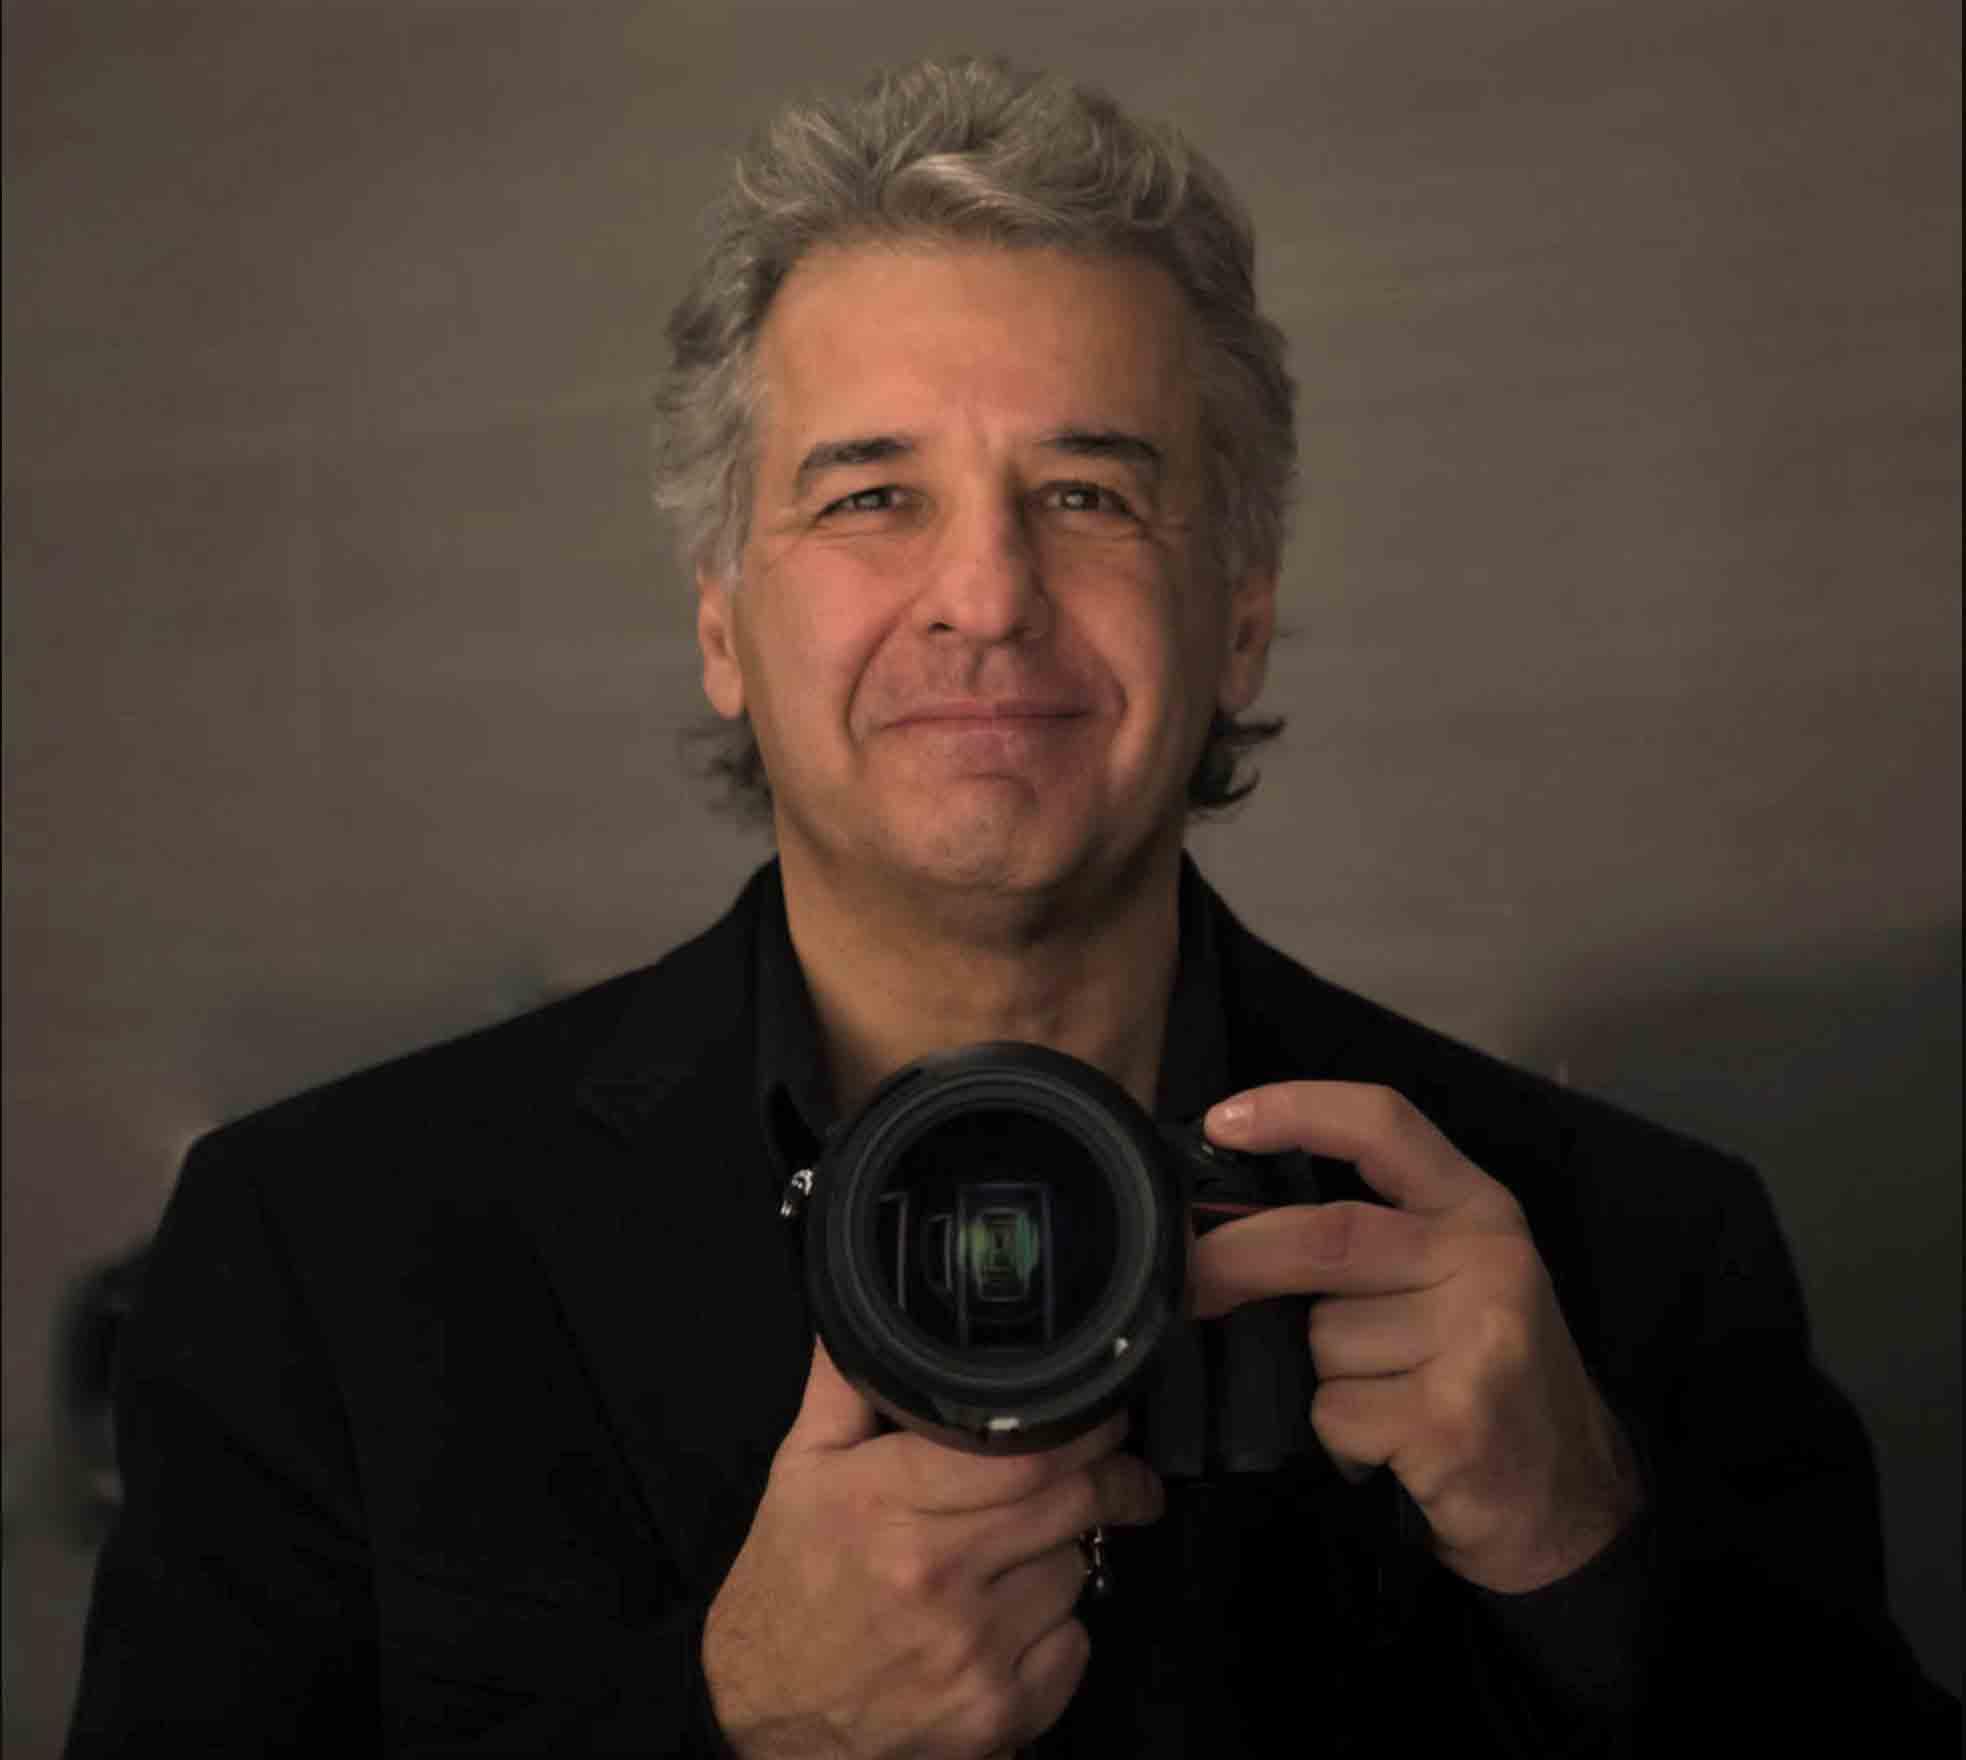 Stephan Photo